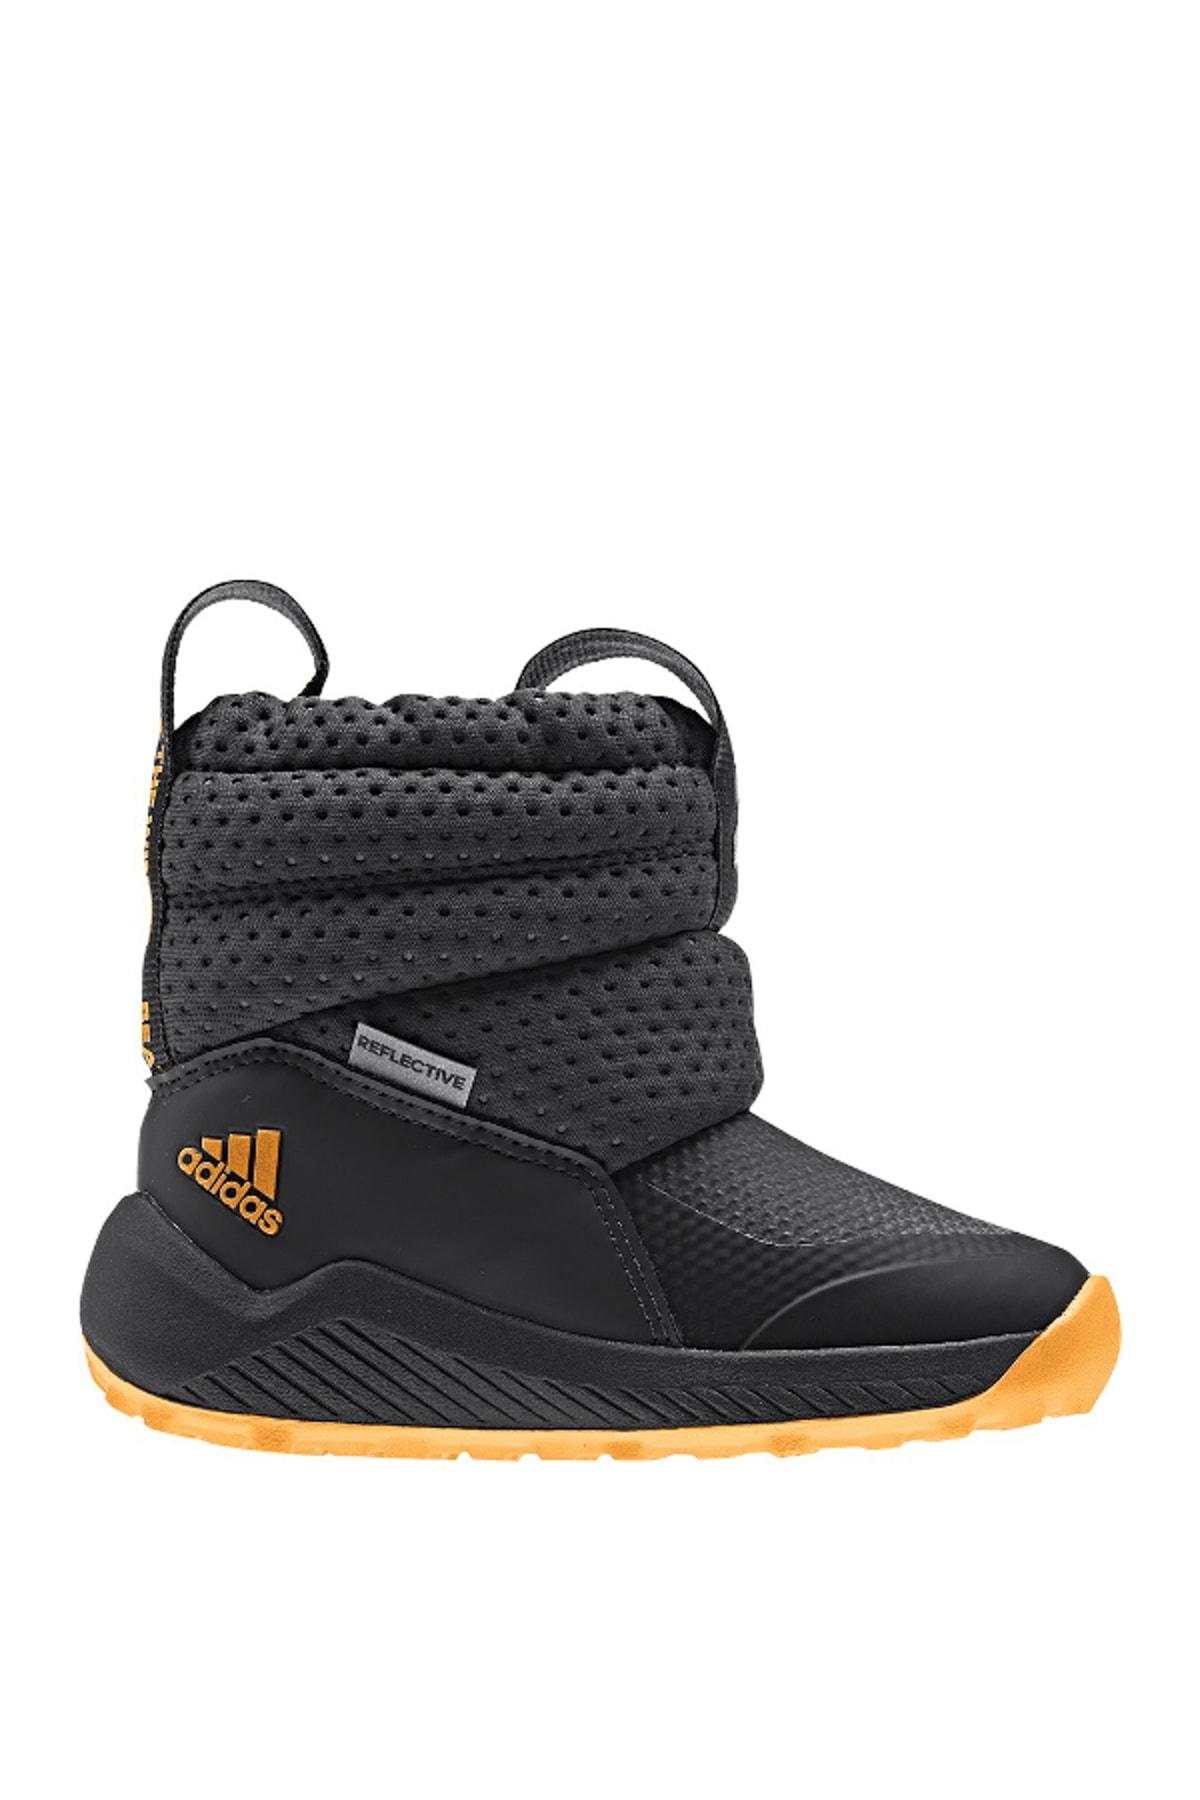 بوت بچه گانه پسرانه مارک دار برند adidas رنگ نقره ای کد ty32510210